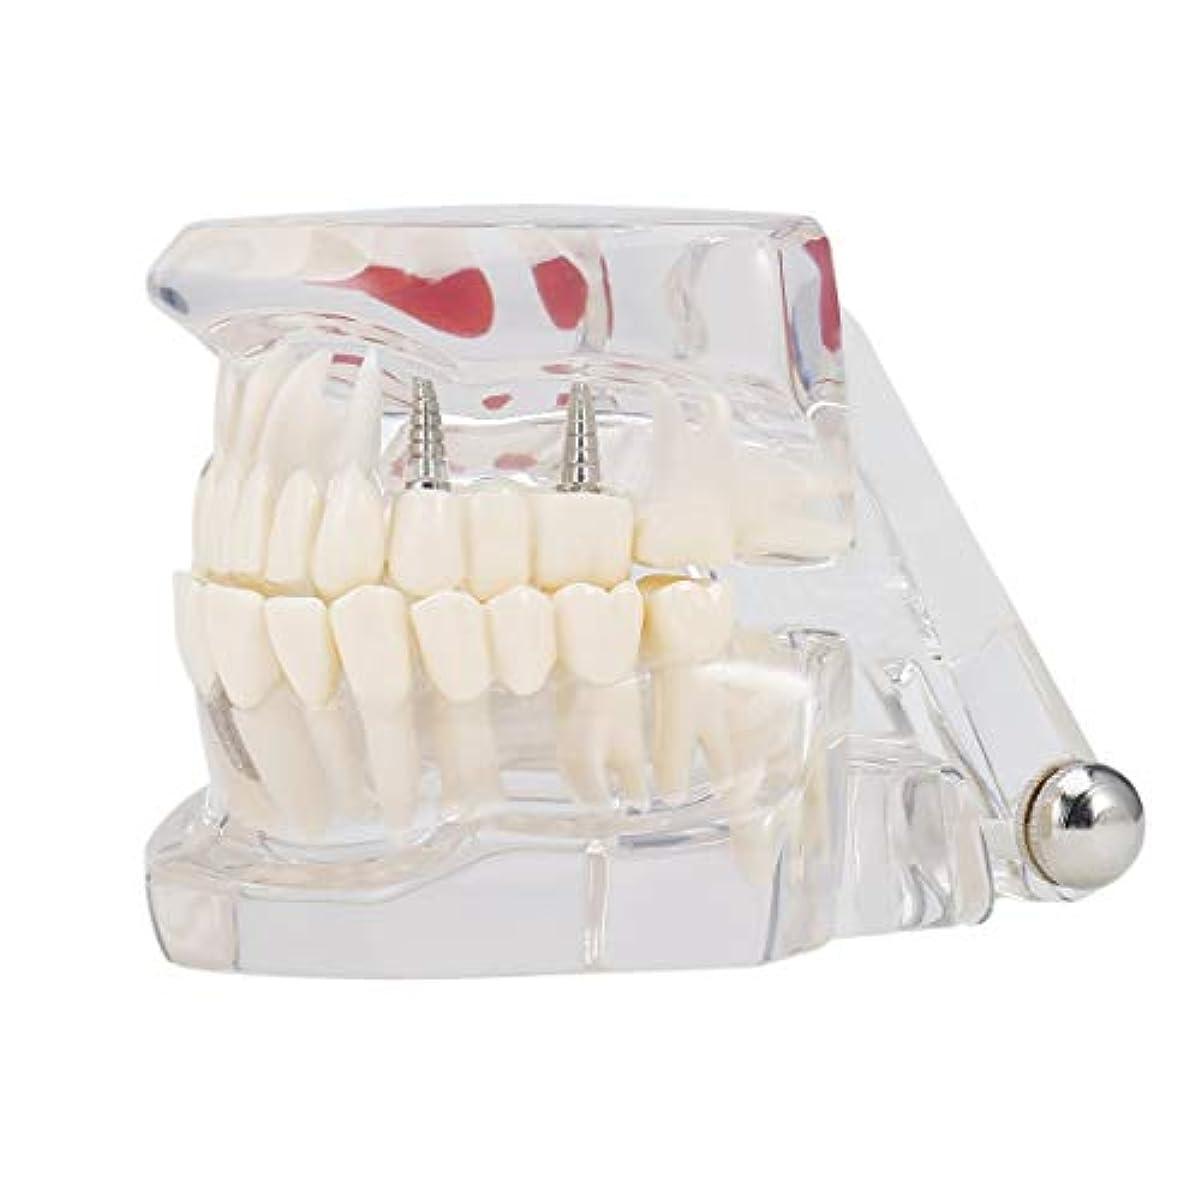 翻訳大統領結晶専門の取り外し可能な偽の歯の歯の病気のモルデルの歯科インプラント回復表示医院の病院の教育使用 (色:黒)(Rustle666)